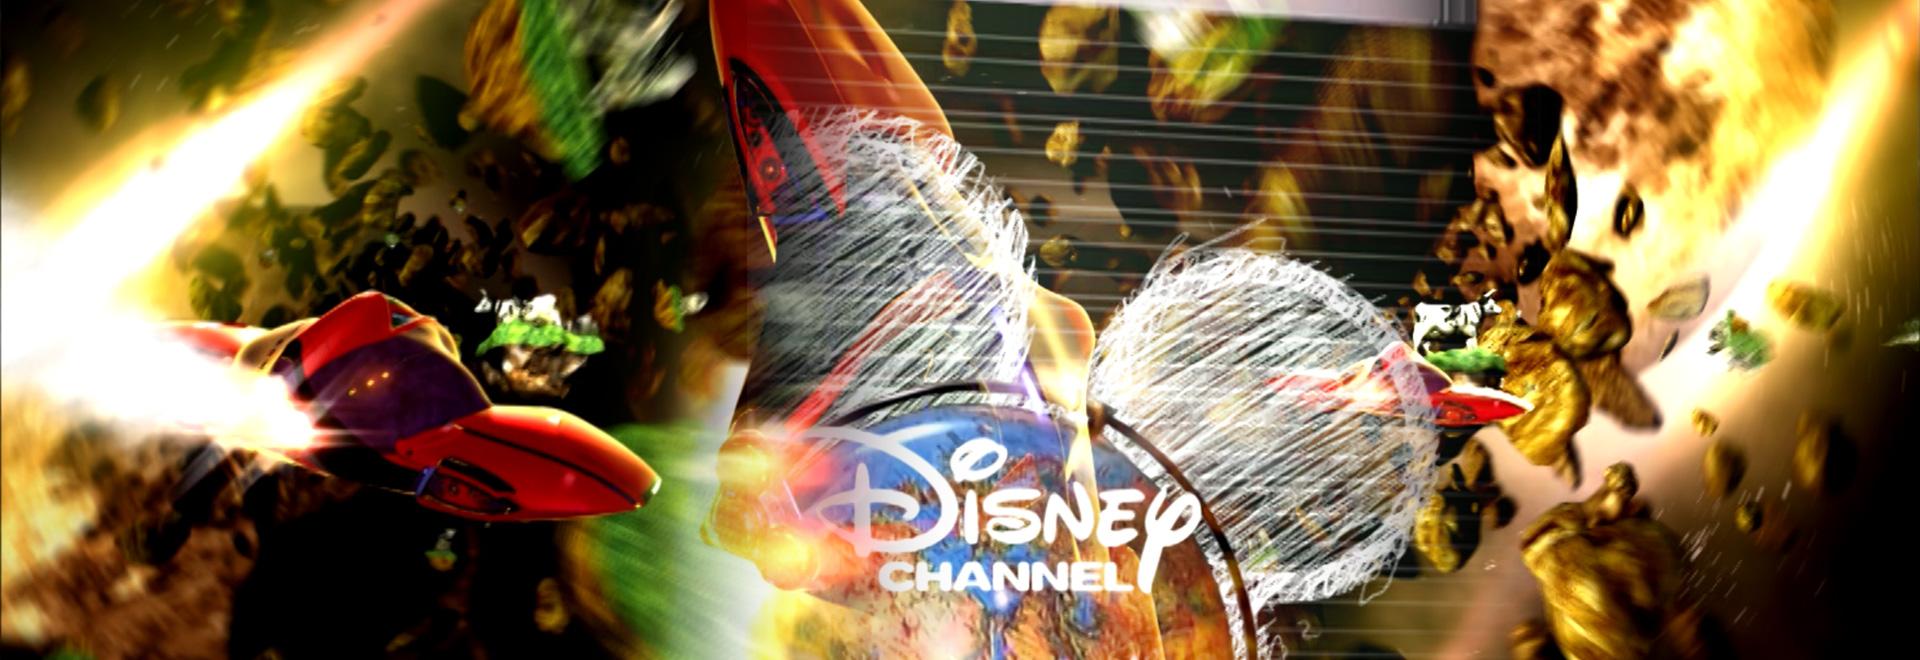 js-filmproduction-postproduction-design-disney-channel-header